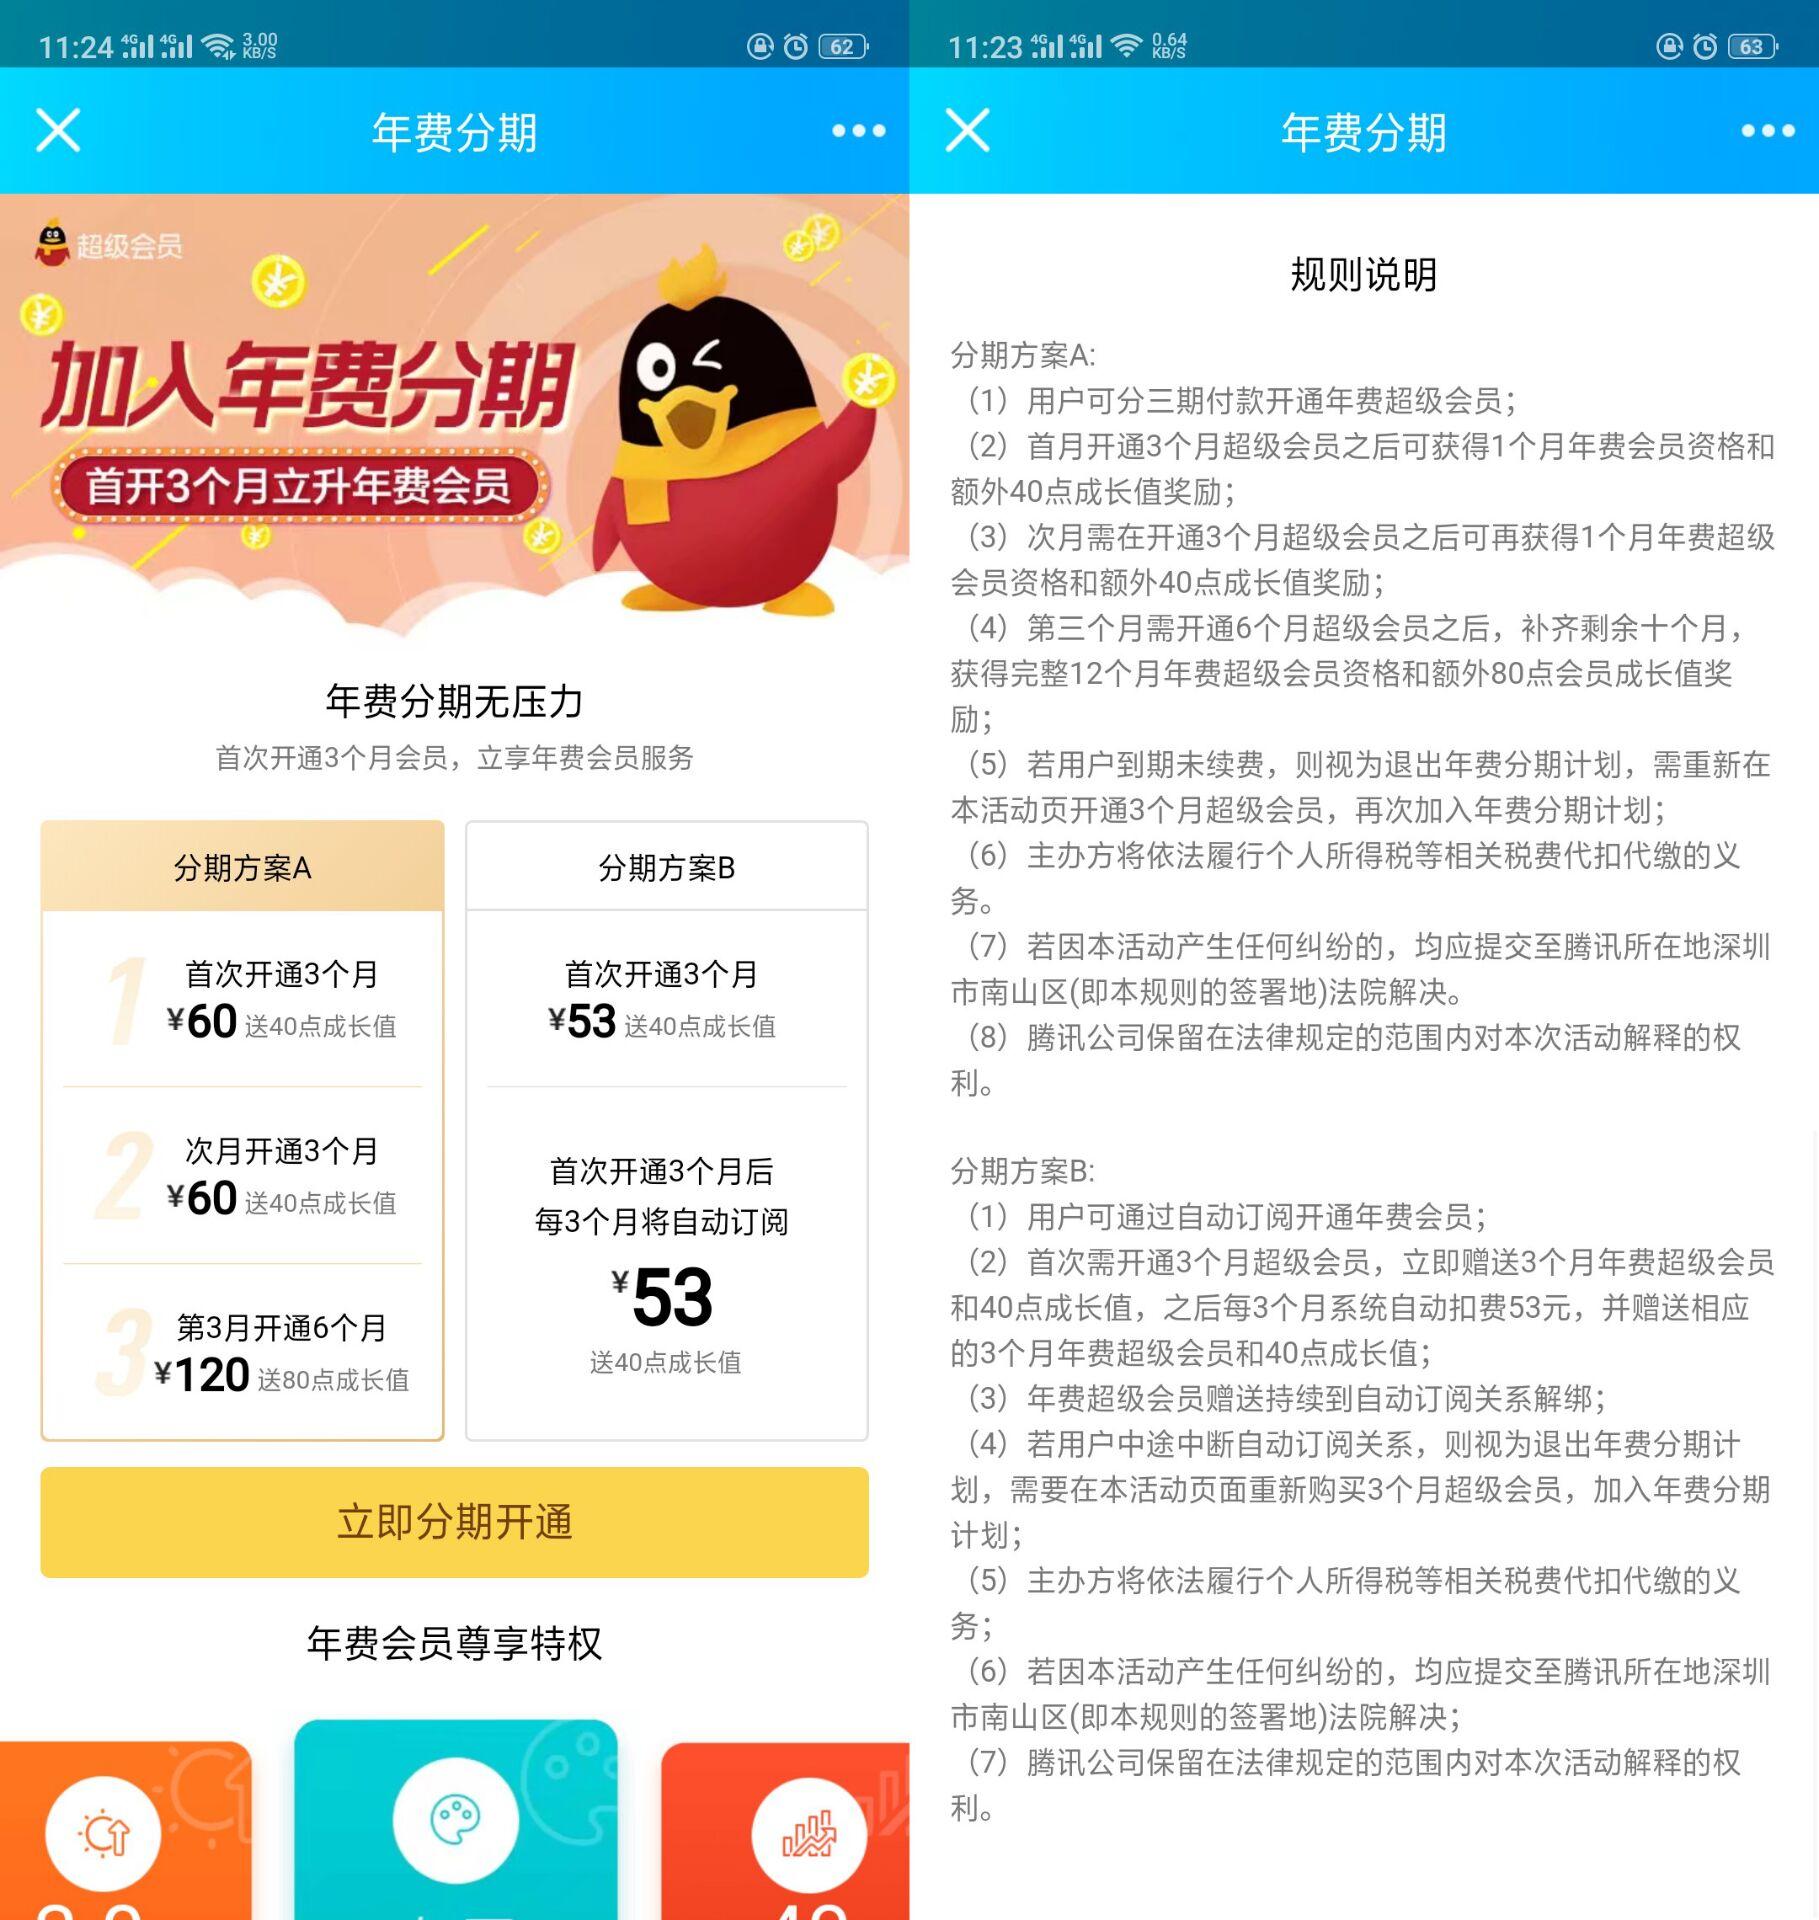 开通年费黄钻_分期开通QQ年费超级会员 - 活动资讯 - QQ神教程网